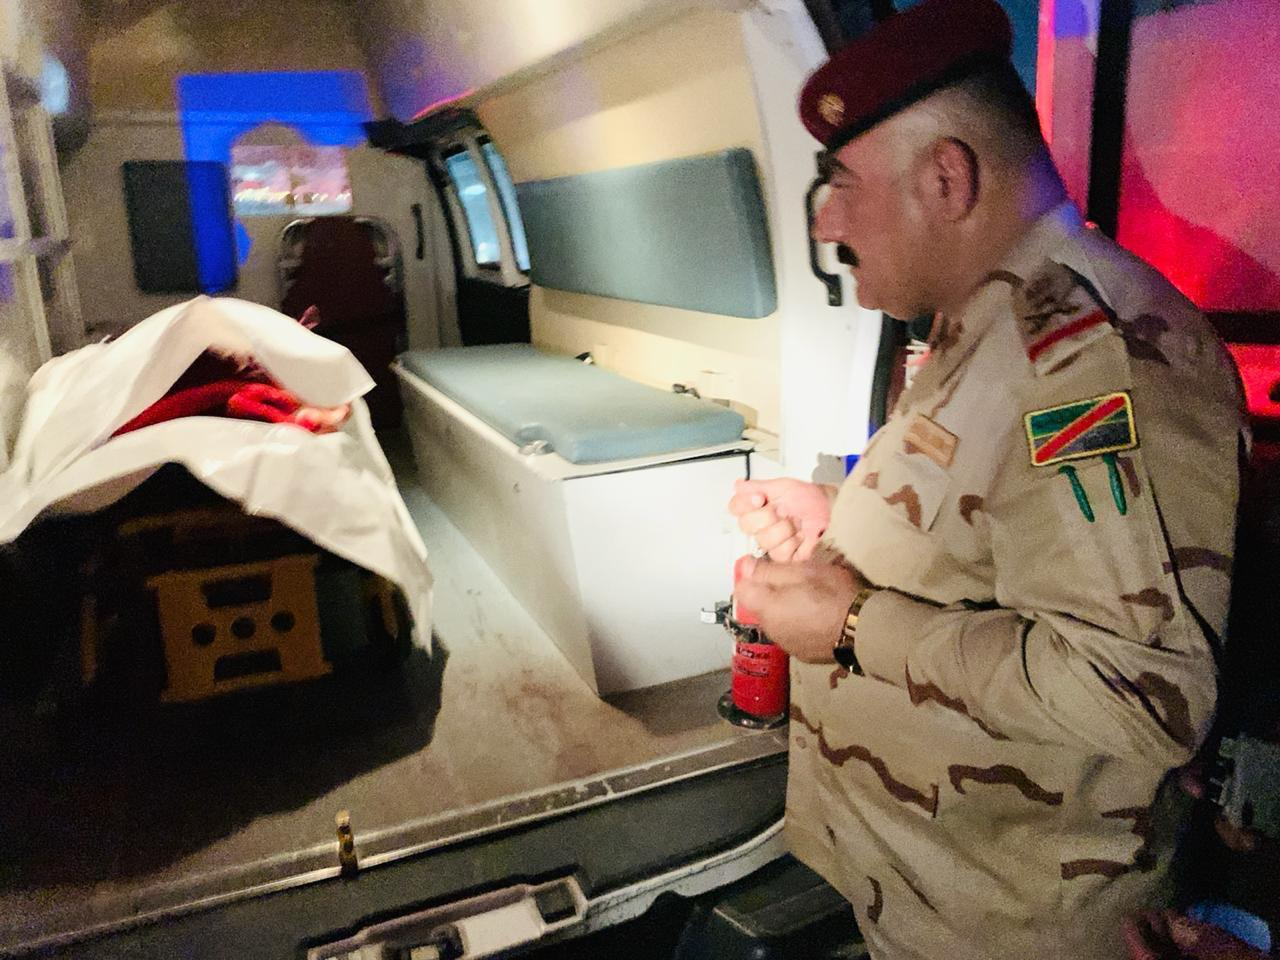 وصول جثمان إبراهيم الخياط إلى كركوك (صور)